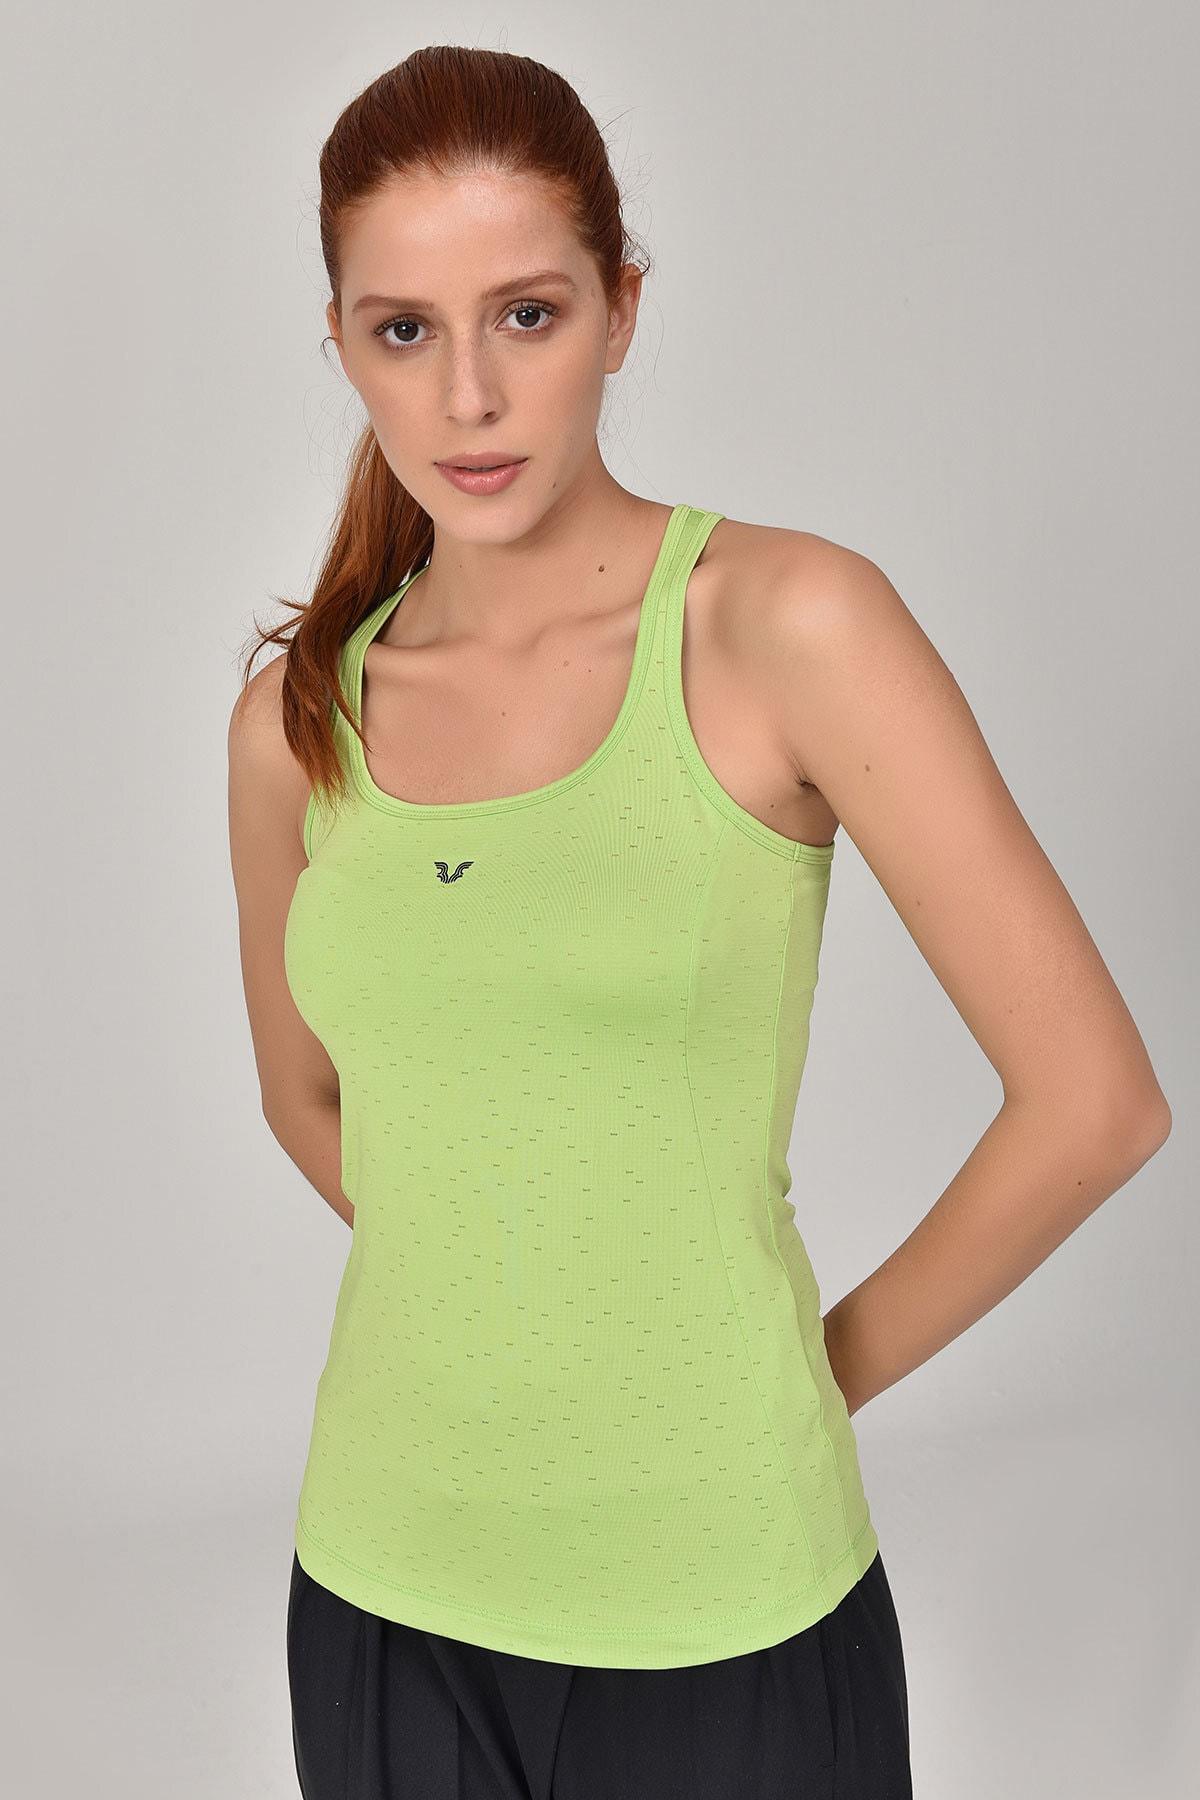 bilcee A.Yeşil Kadın Atlet GS-8604 1